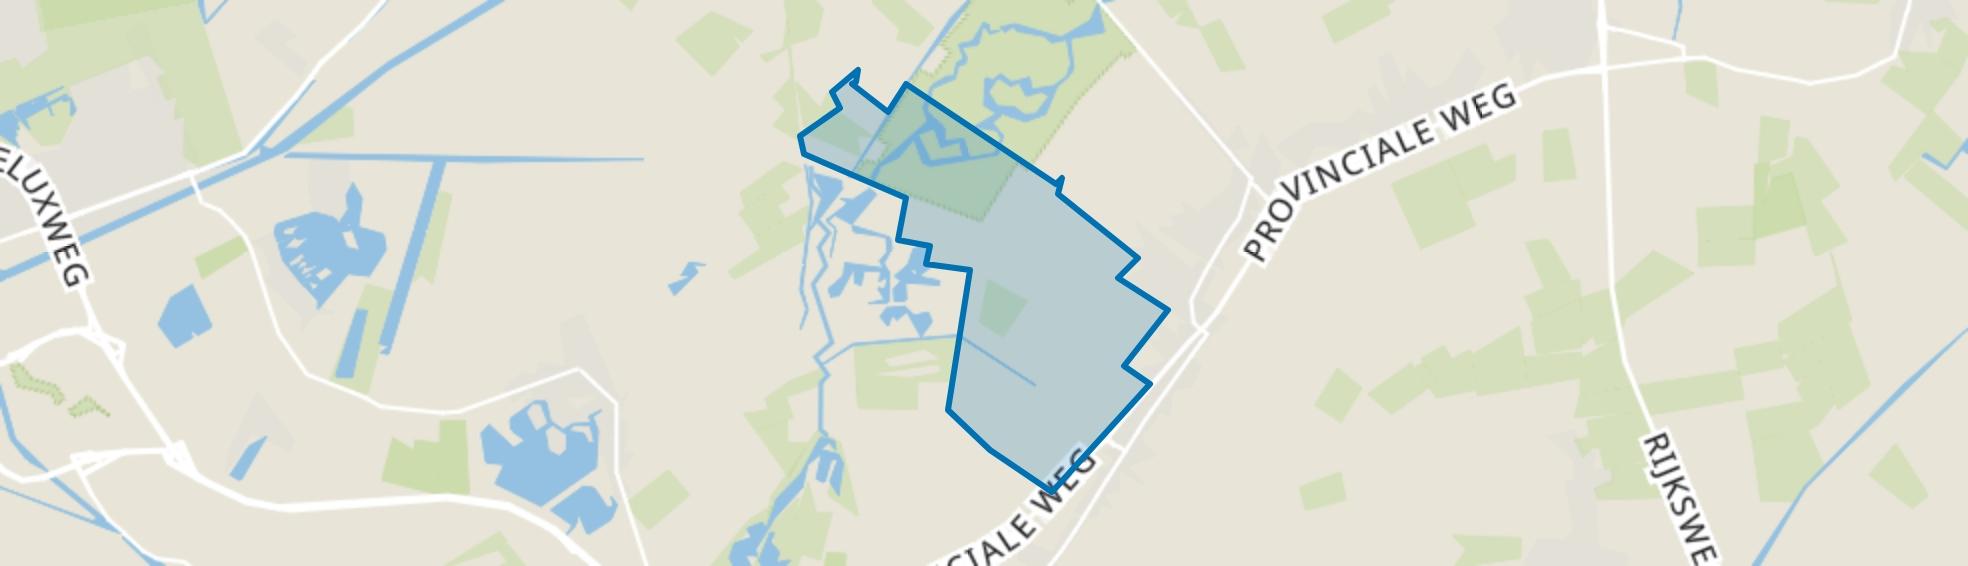 Slochteren Natuurgebied, Slochteren map